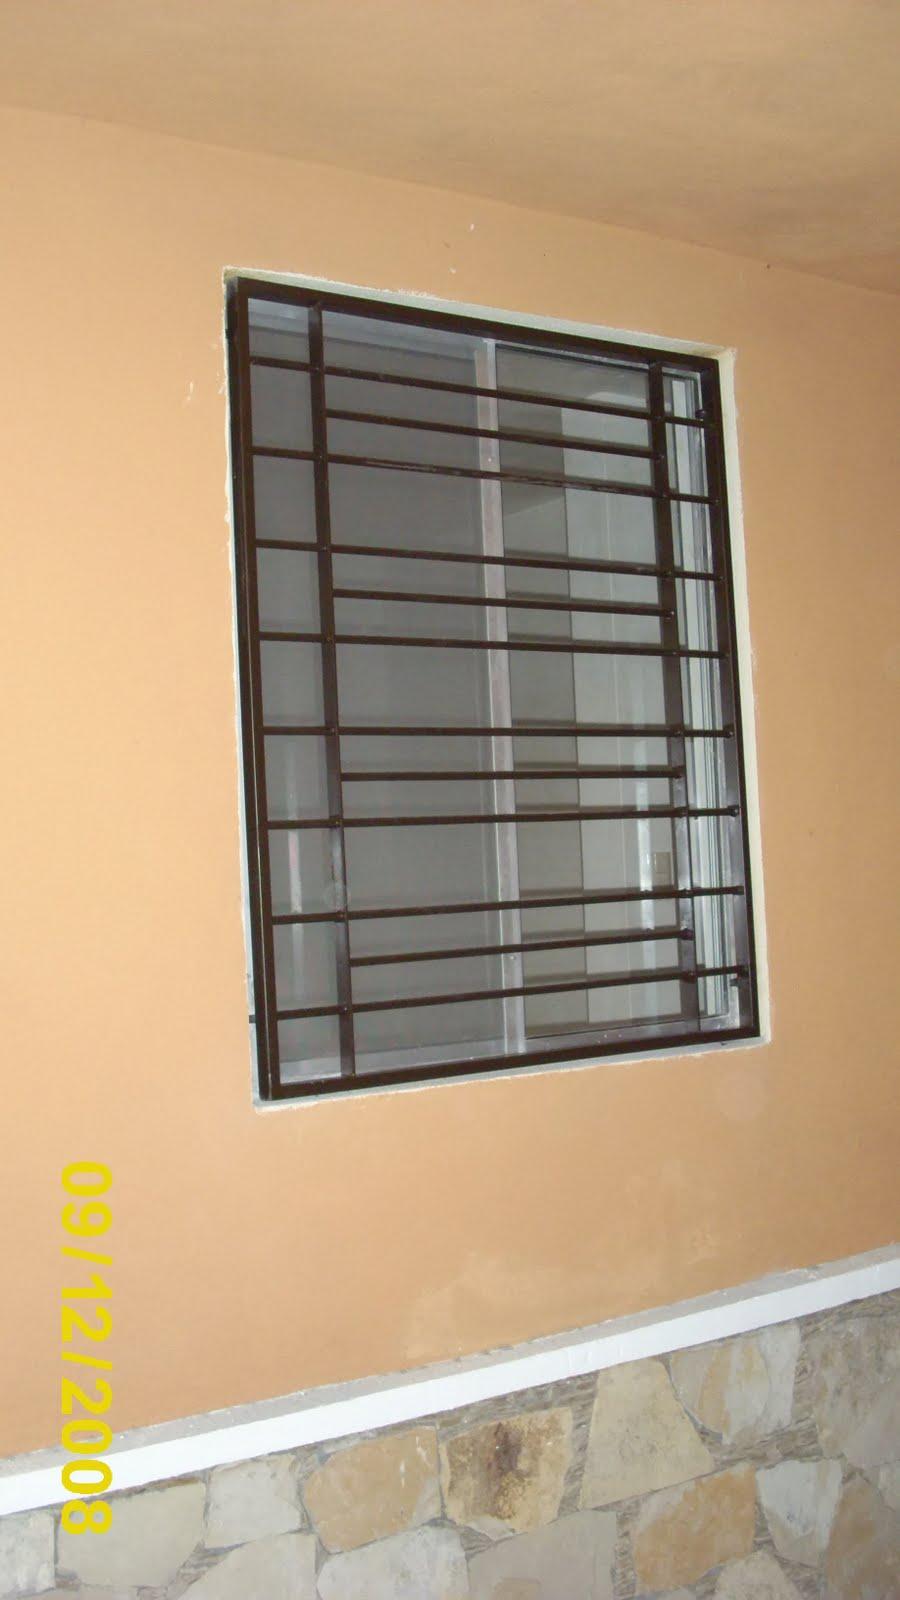 Protectores para ventana RP-011